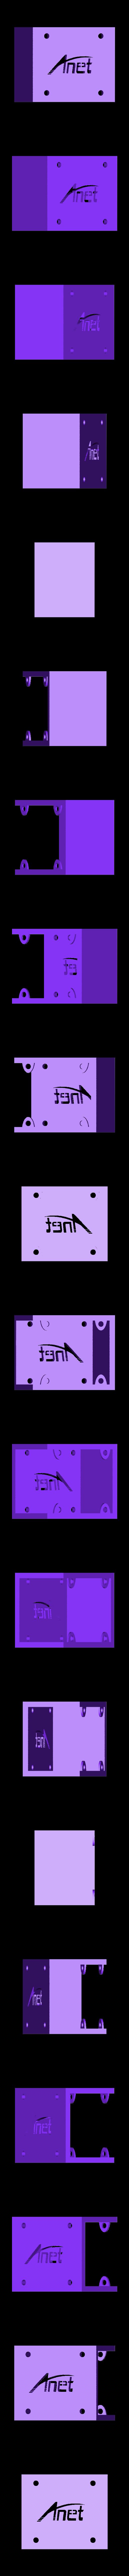 Anet_ET4_Y_Axis_Cover.stl Télécharger fichier STL gratuit Anet ET4 Axe Y Couverture • Modèle pour impression 3D, madebotix